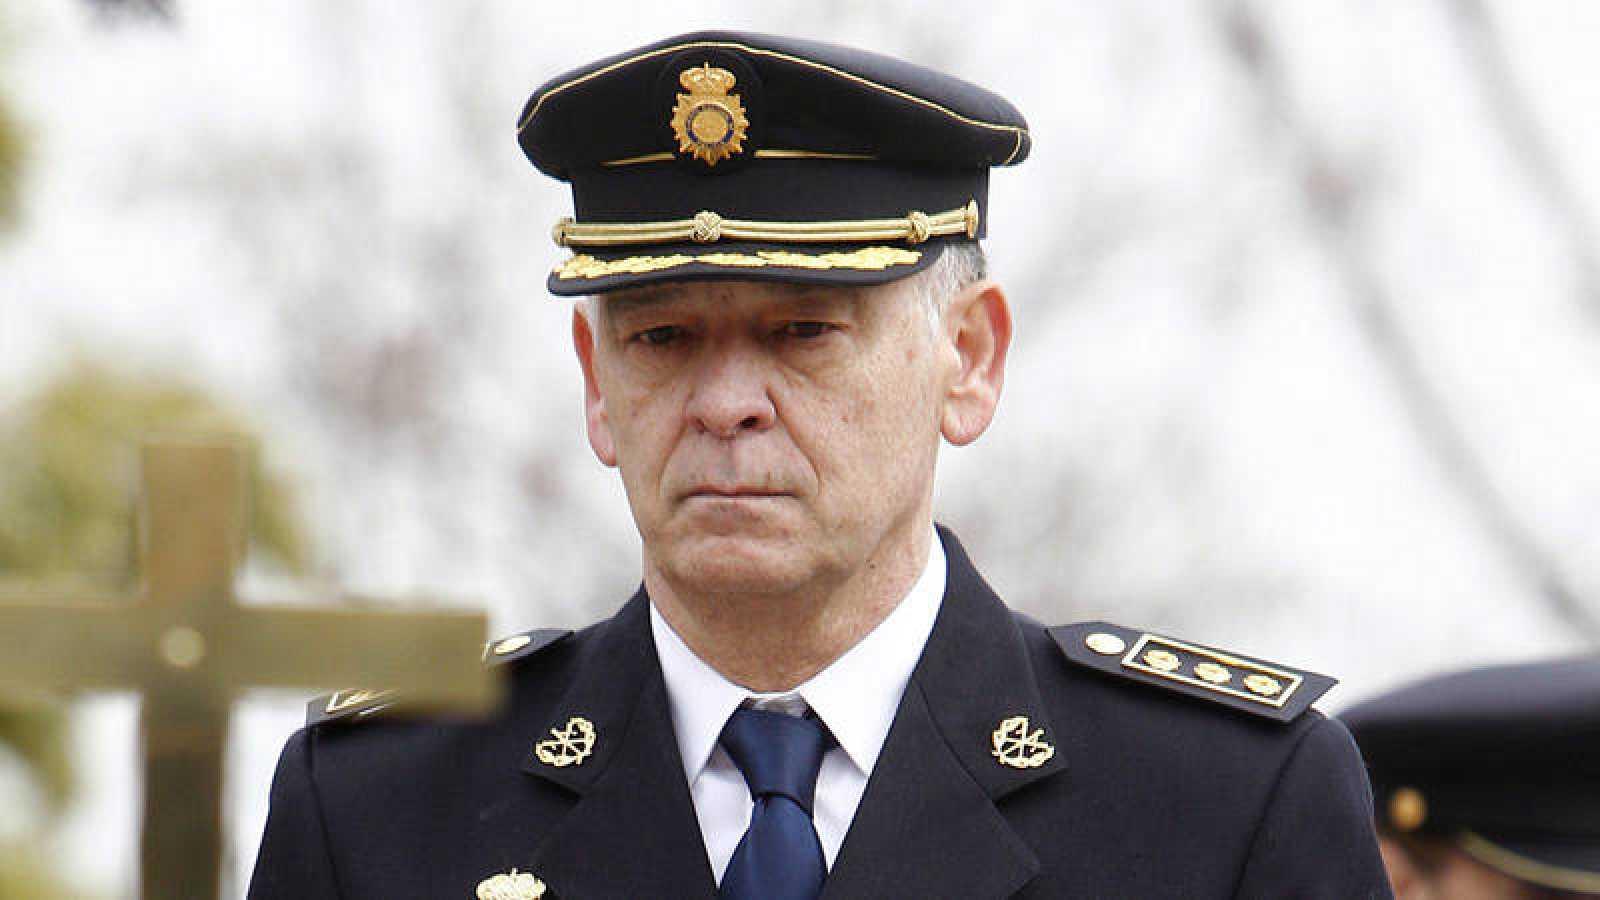 El ex director adjunto operativo de la Policía Nacional Eugenio Pino durante el acto de toma de posesión